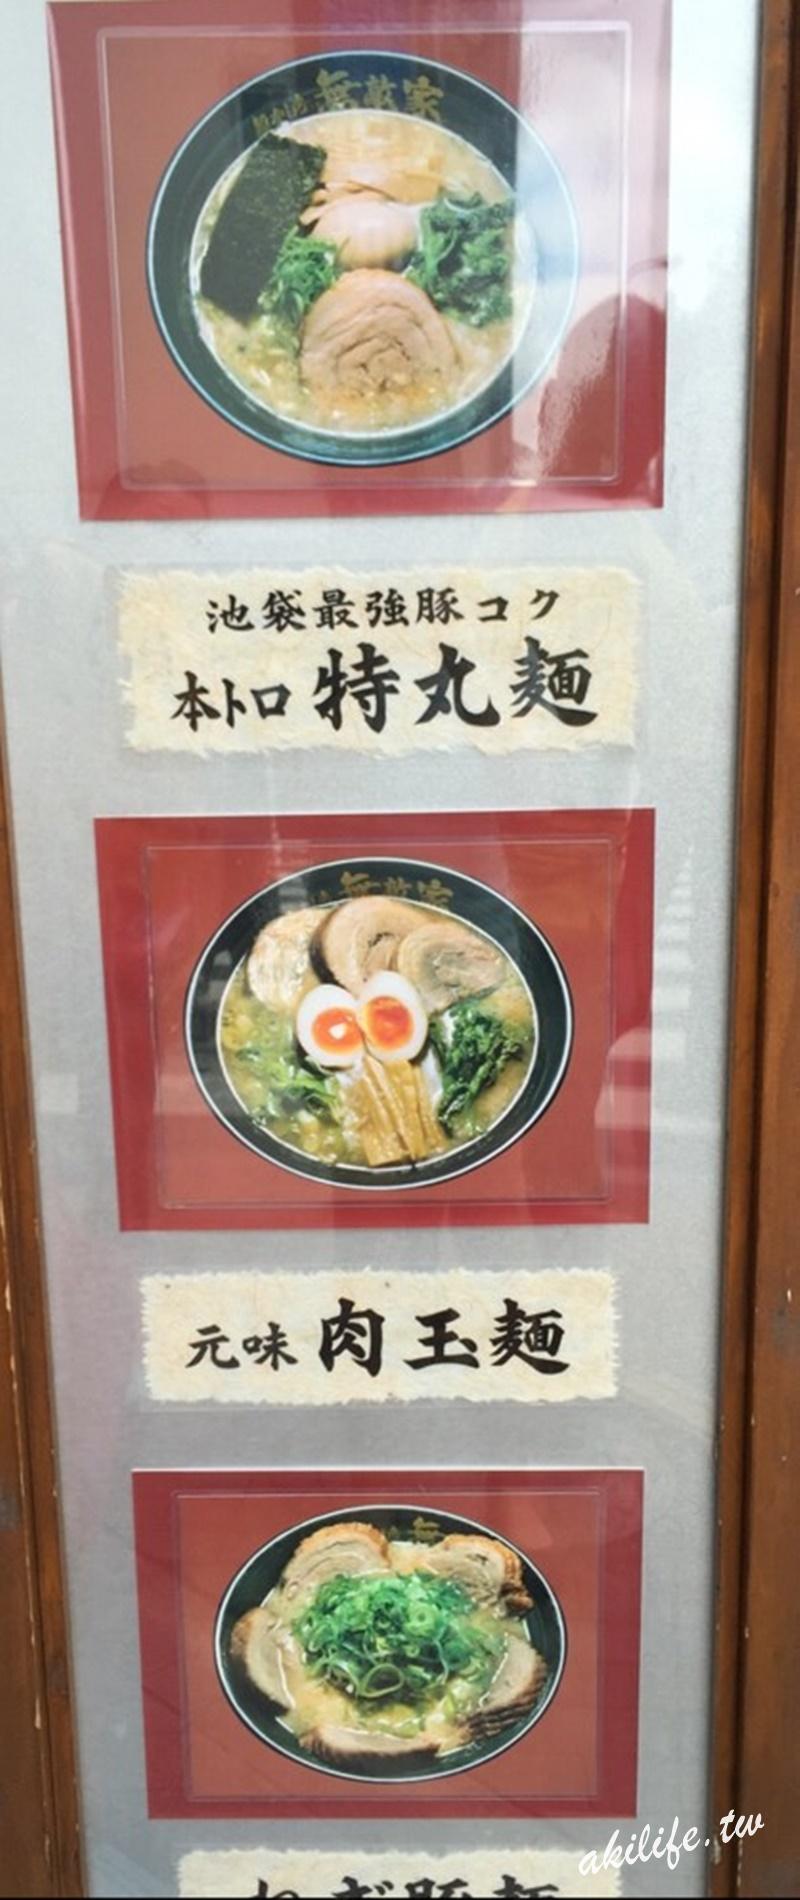 2015東京美食 - 23801142508.jpg